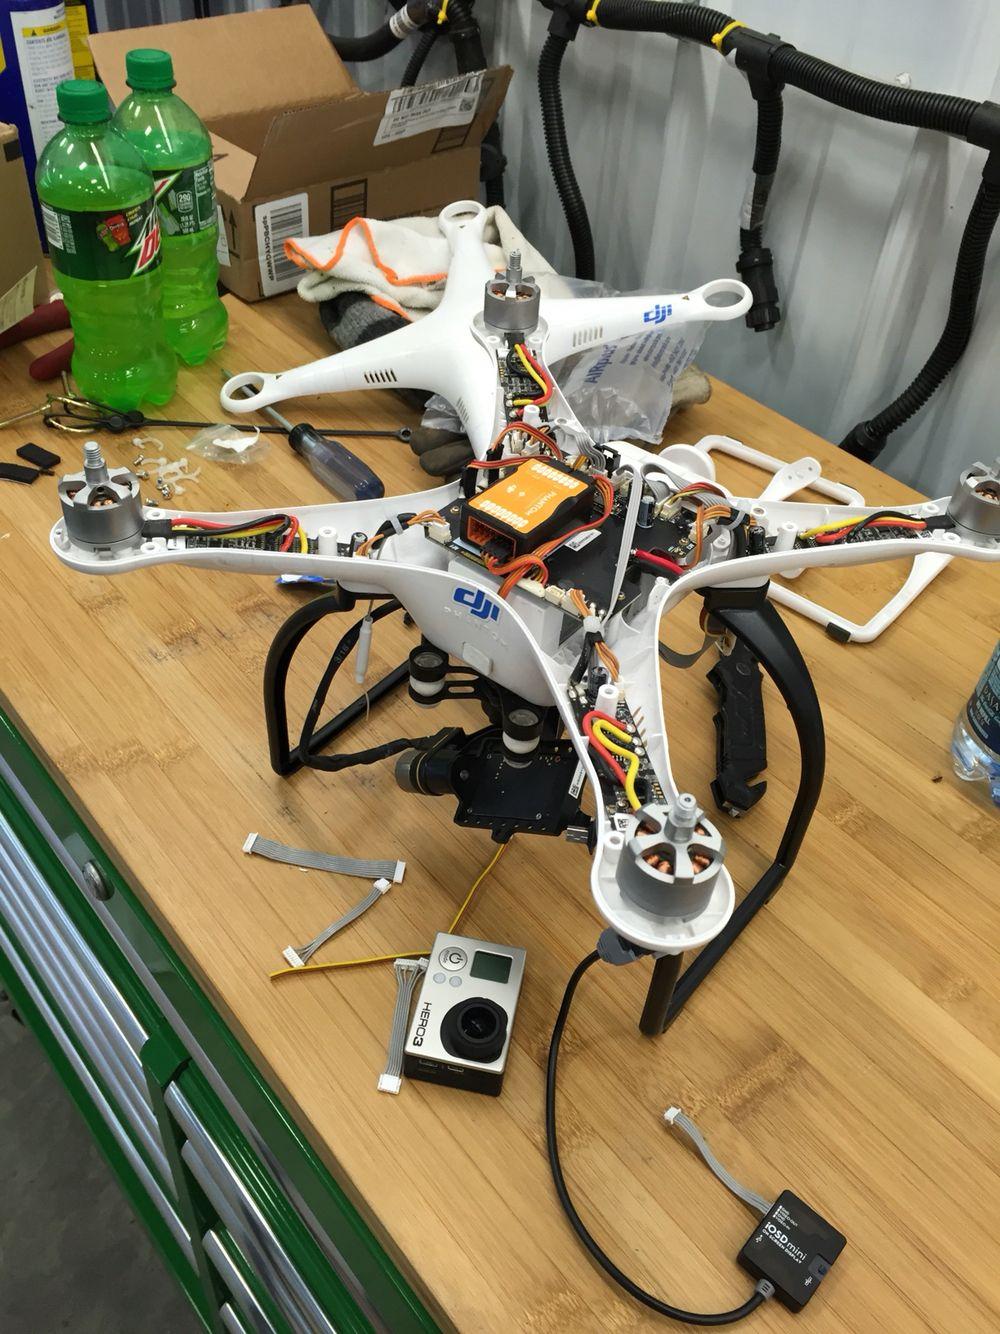 #harvest15 #droneit